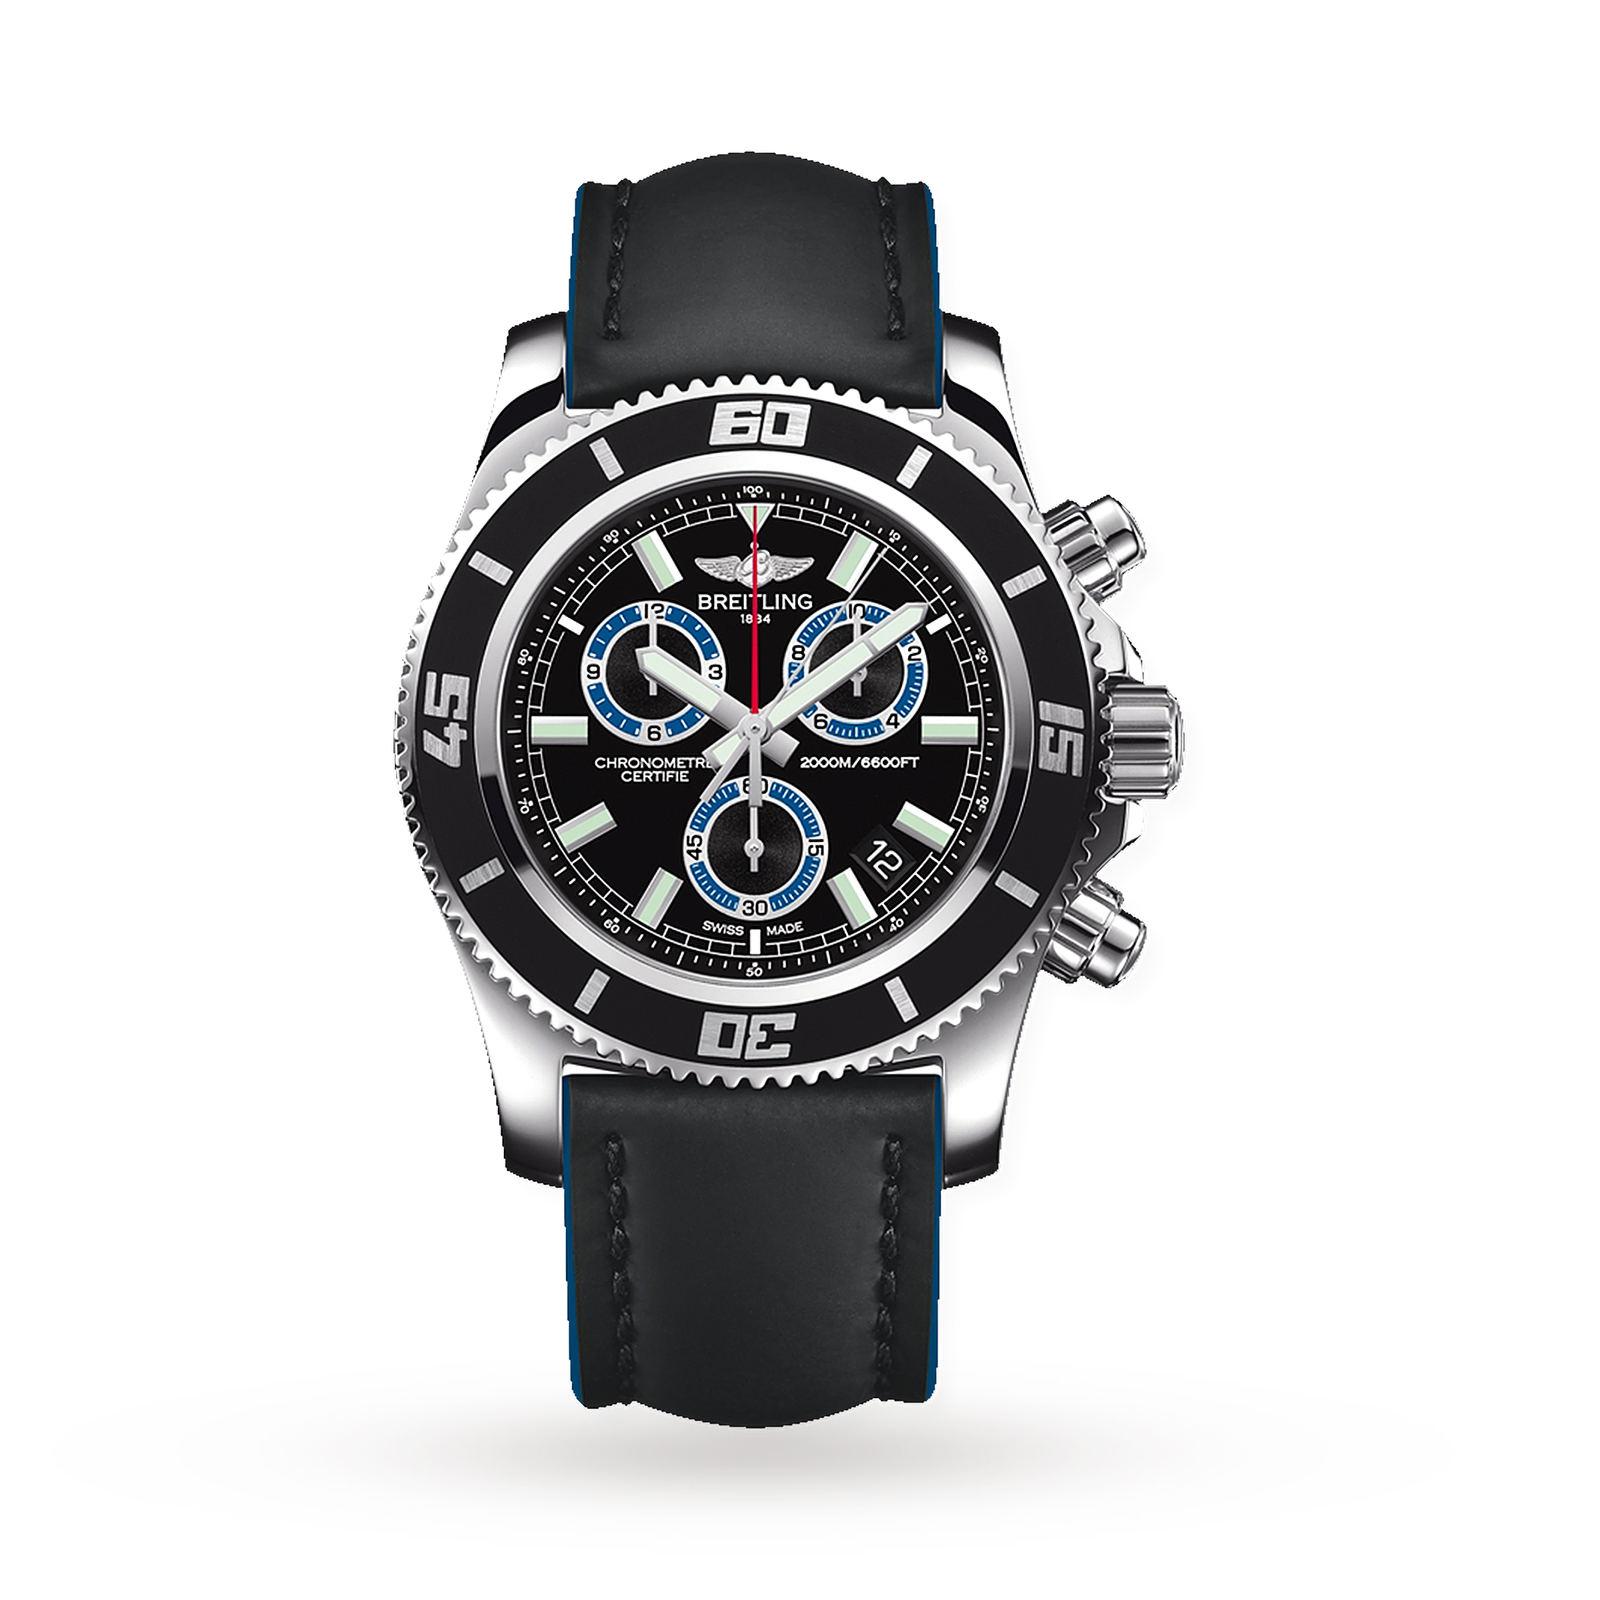 Breitling Superocean M2000 Mens Watch - £2850 @ Goldsmiths